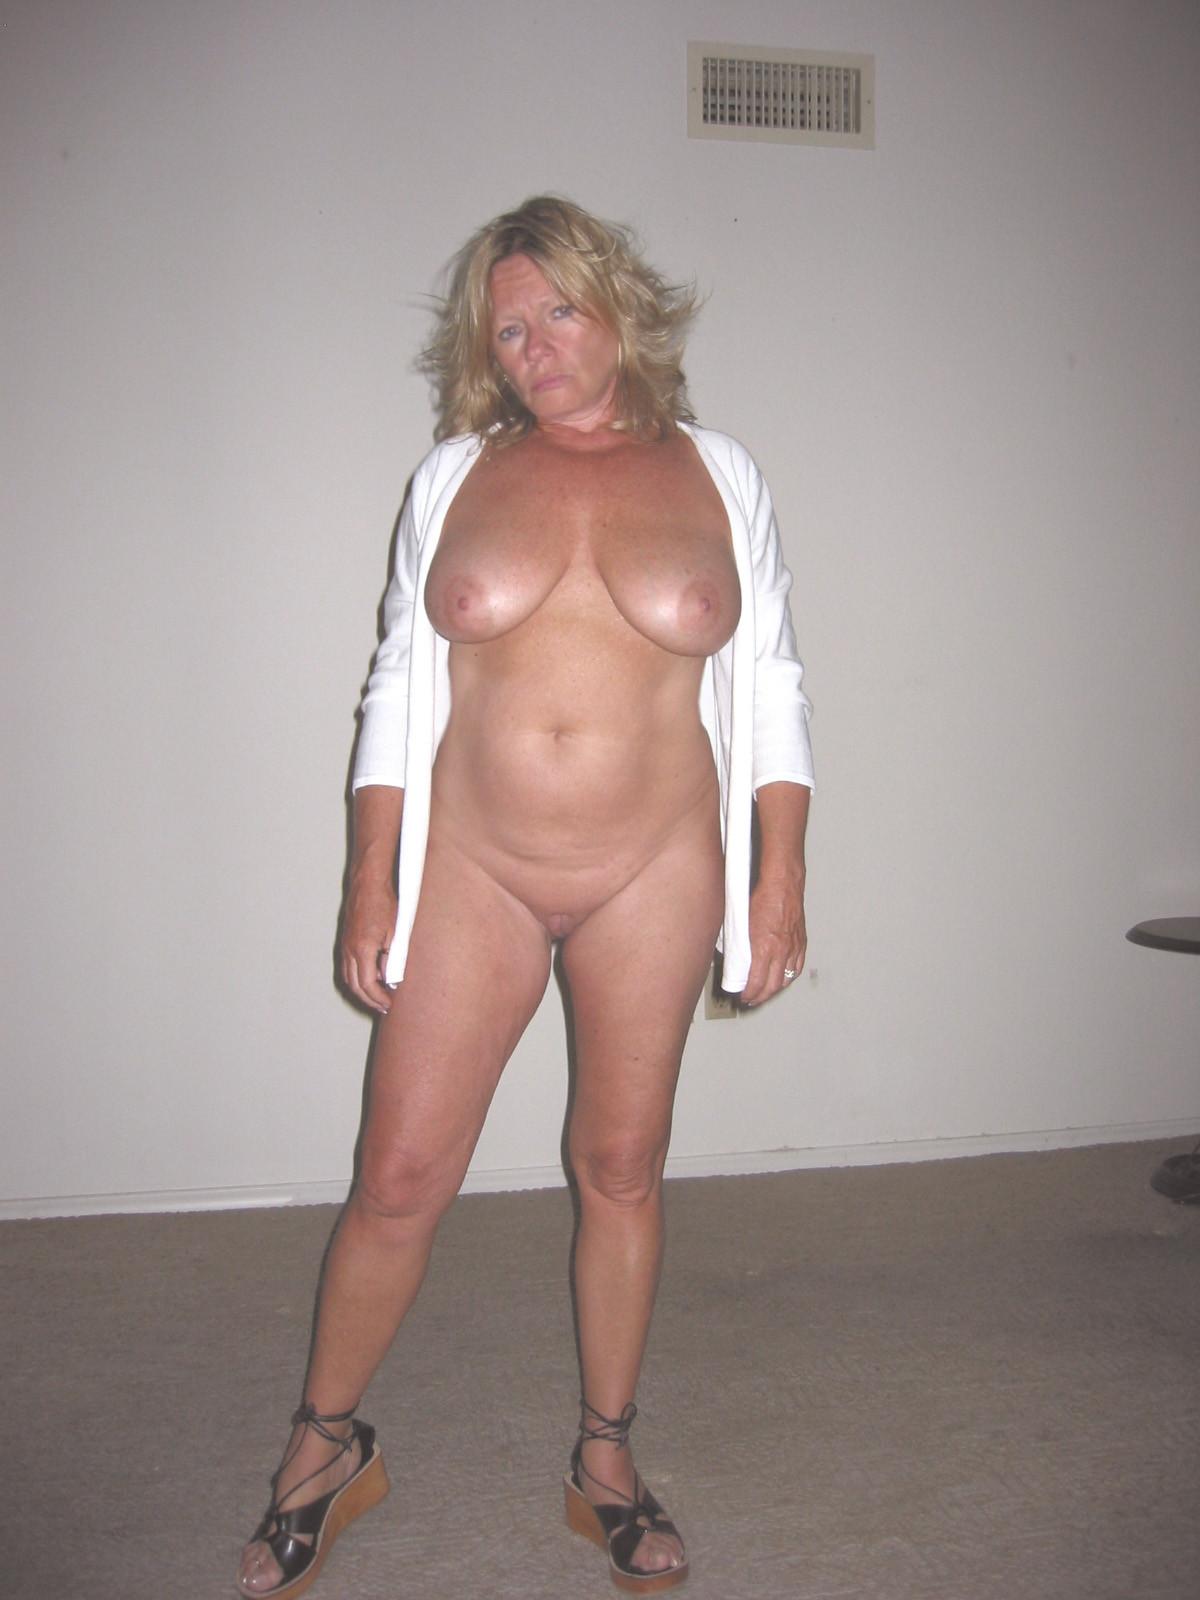 wifeysworld bikini